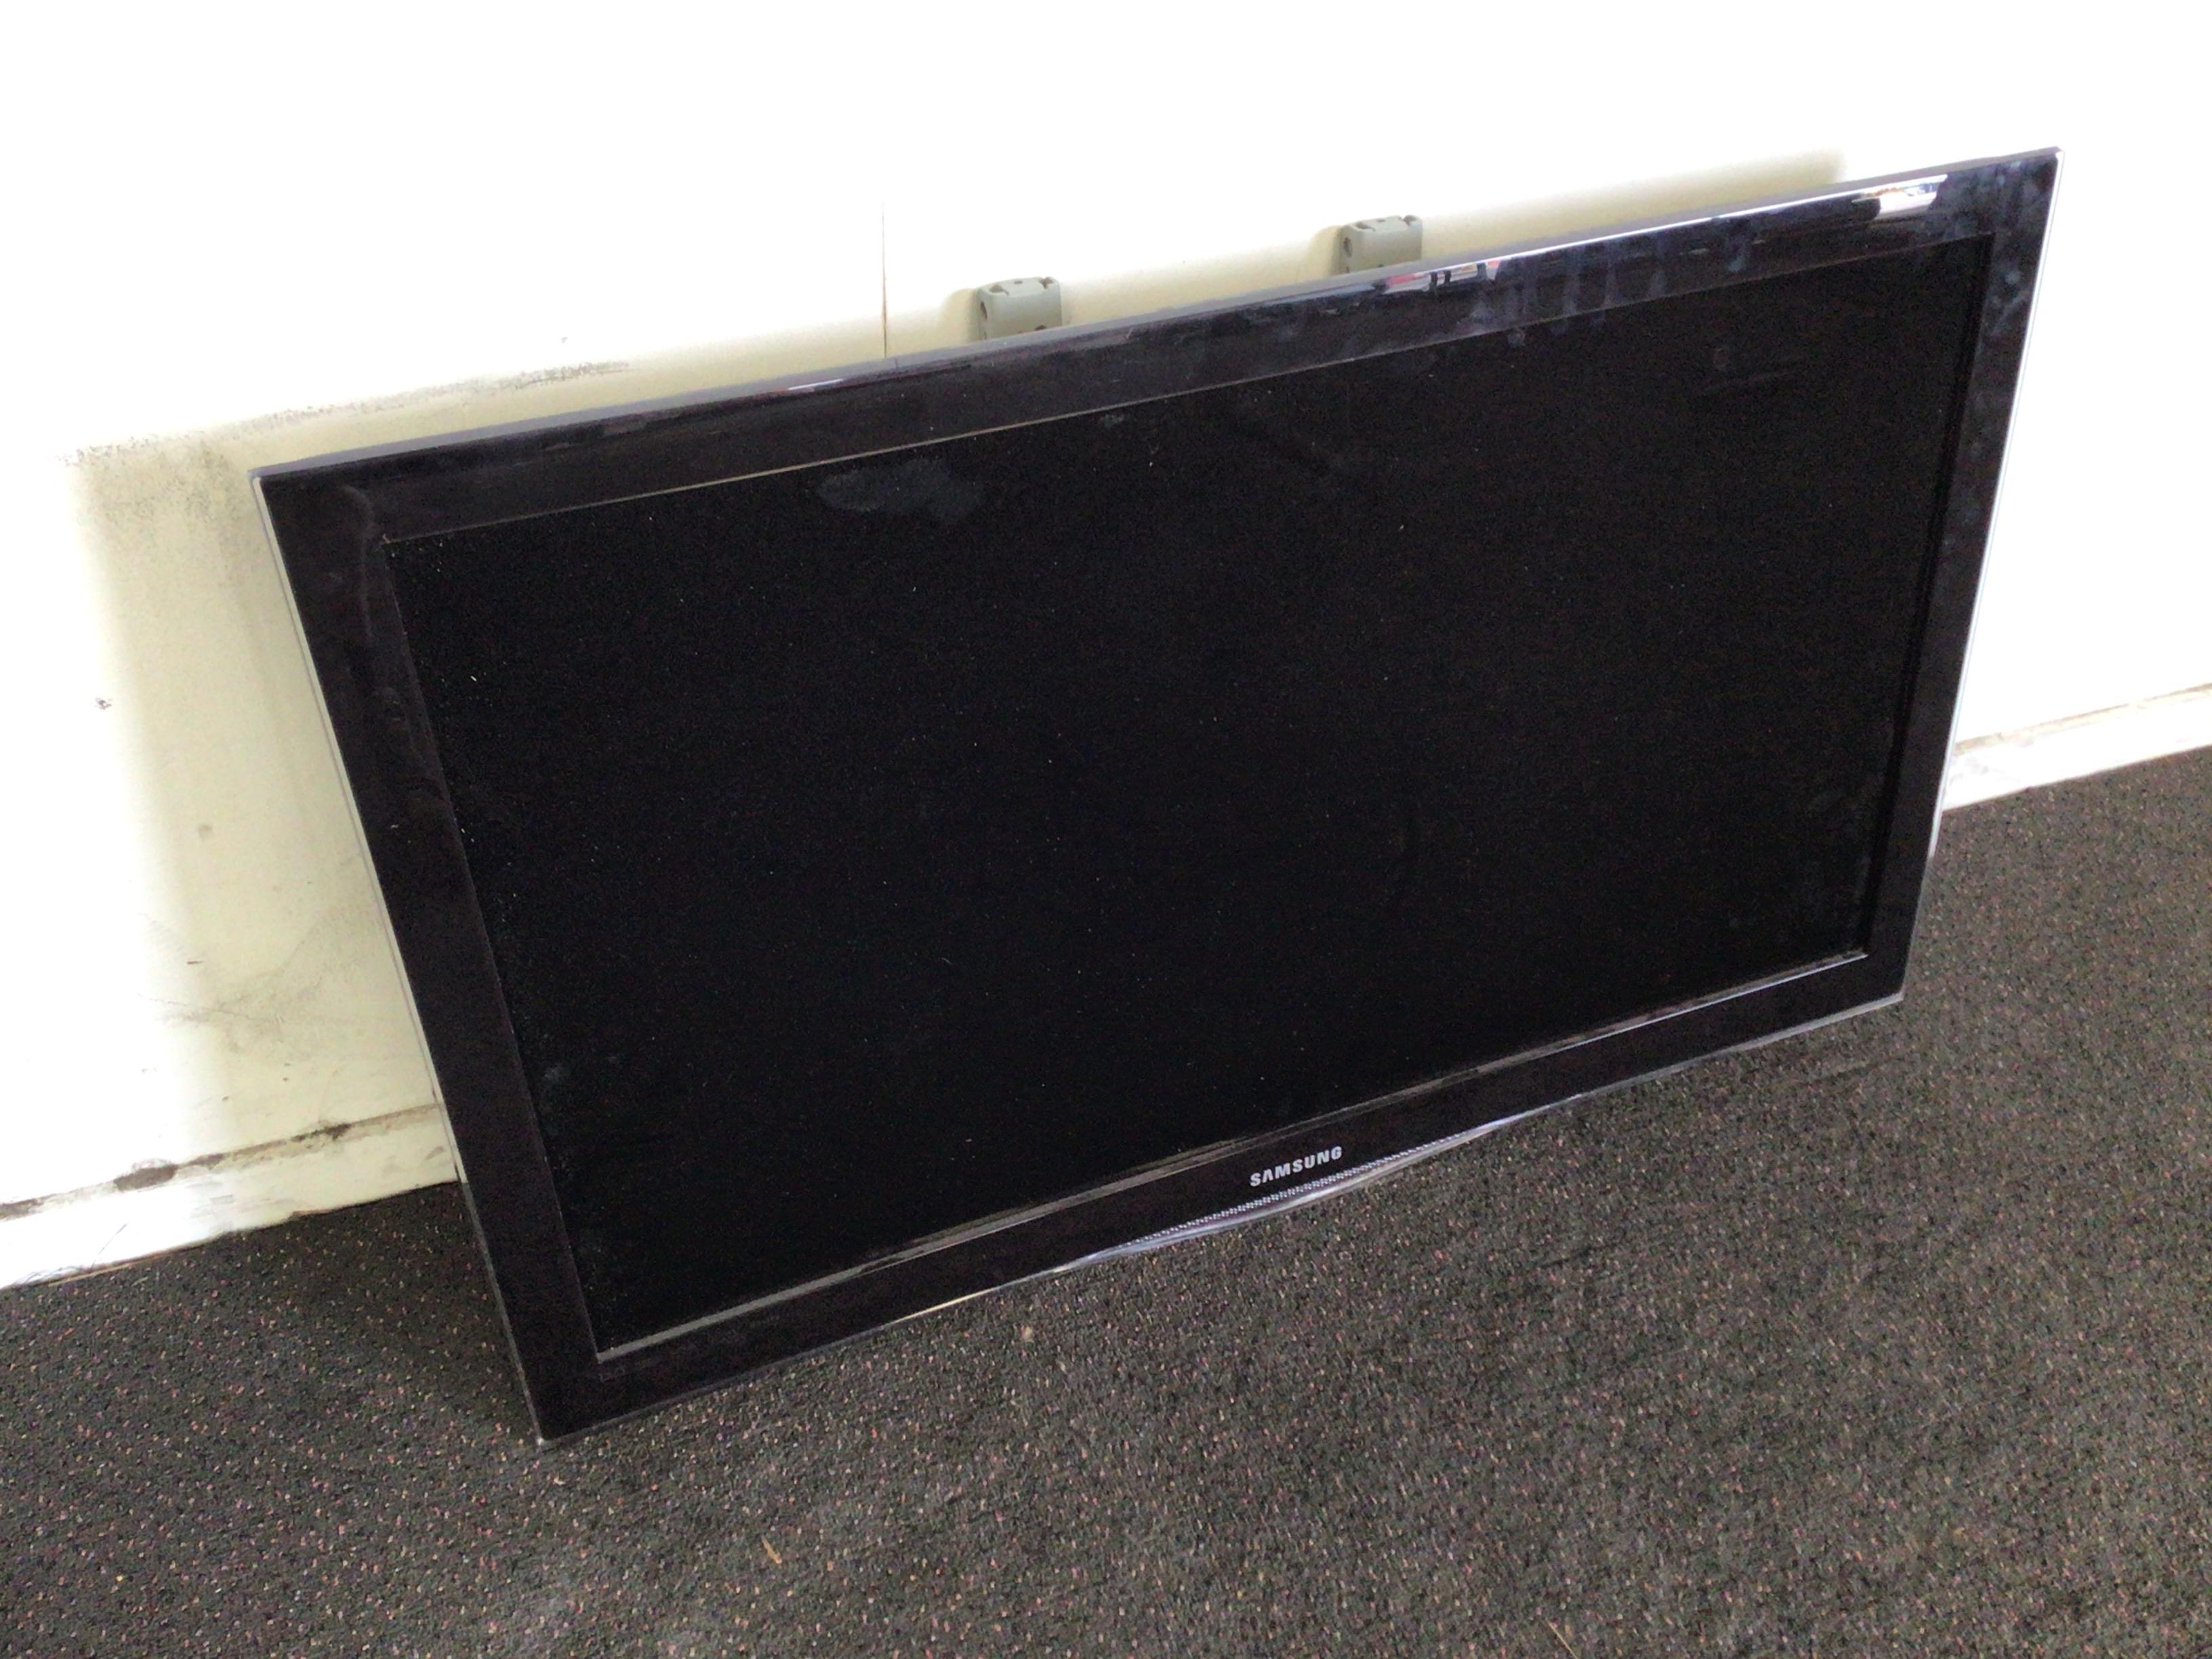 Samsung LA40C650L1F LCD TV